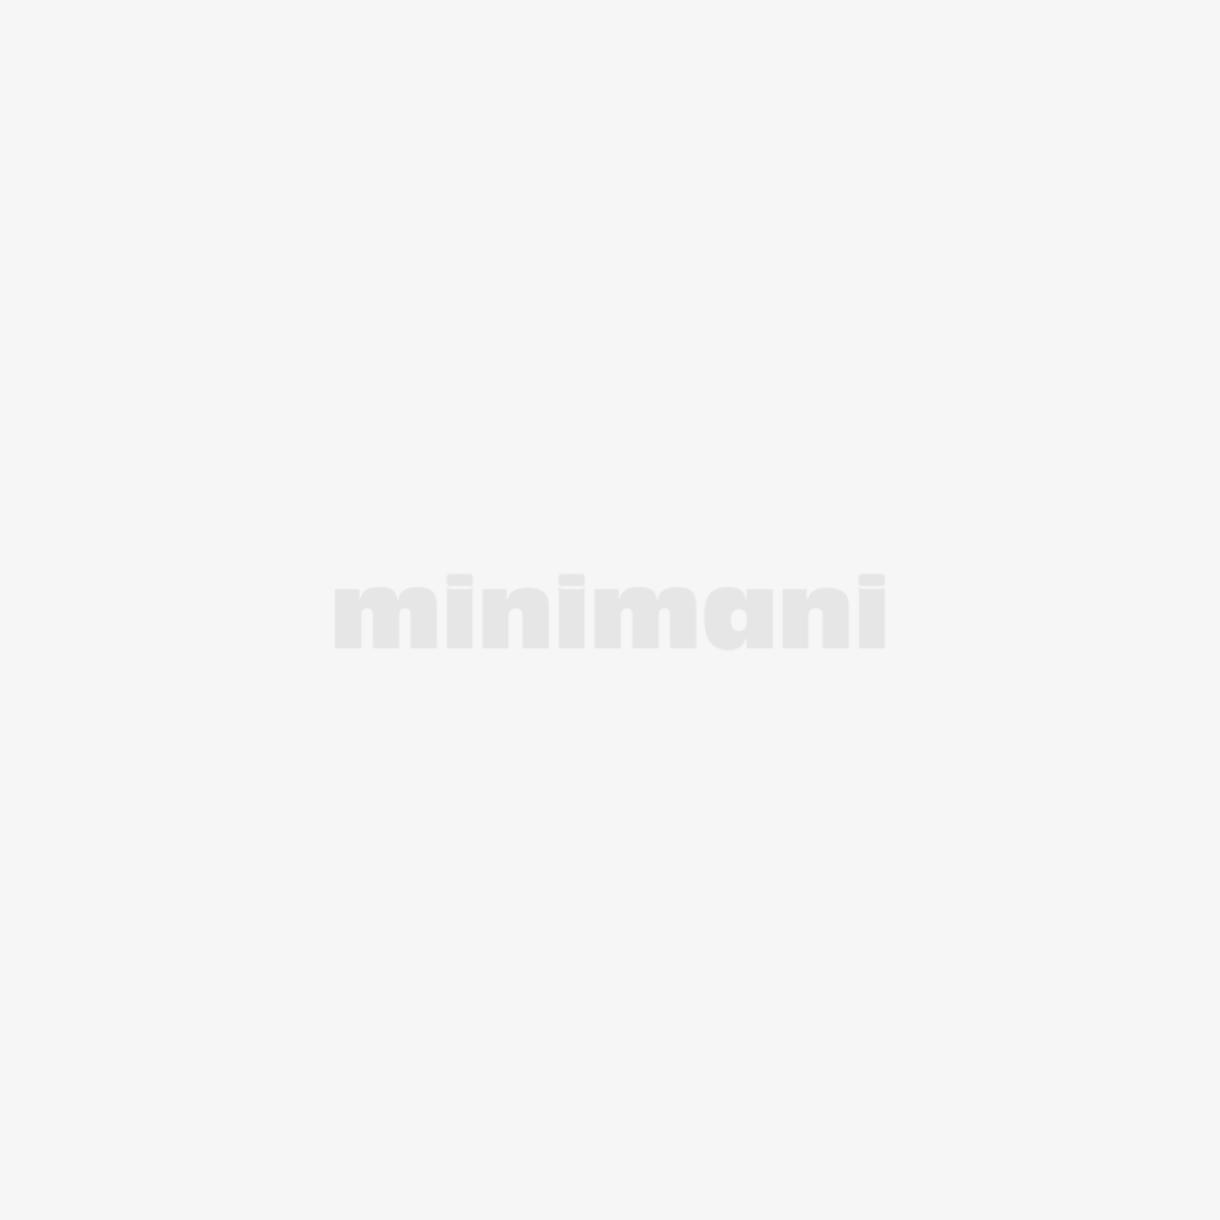 EMENDO PUUTELINE + SAUNATUOKSUT 4 X 10 ML